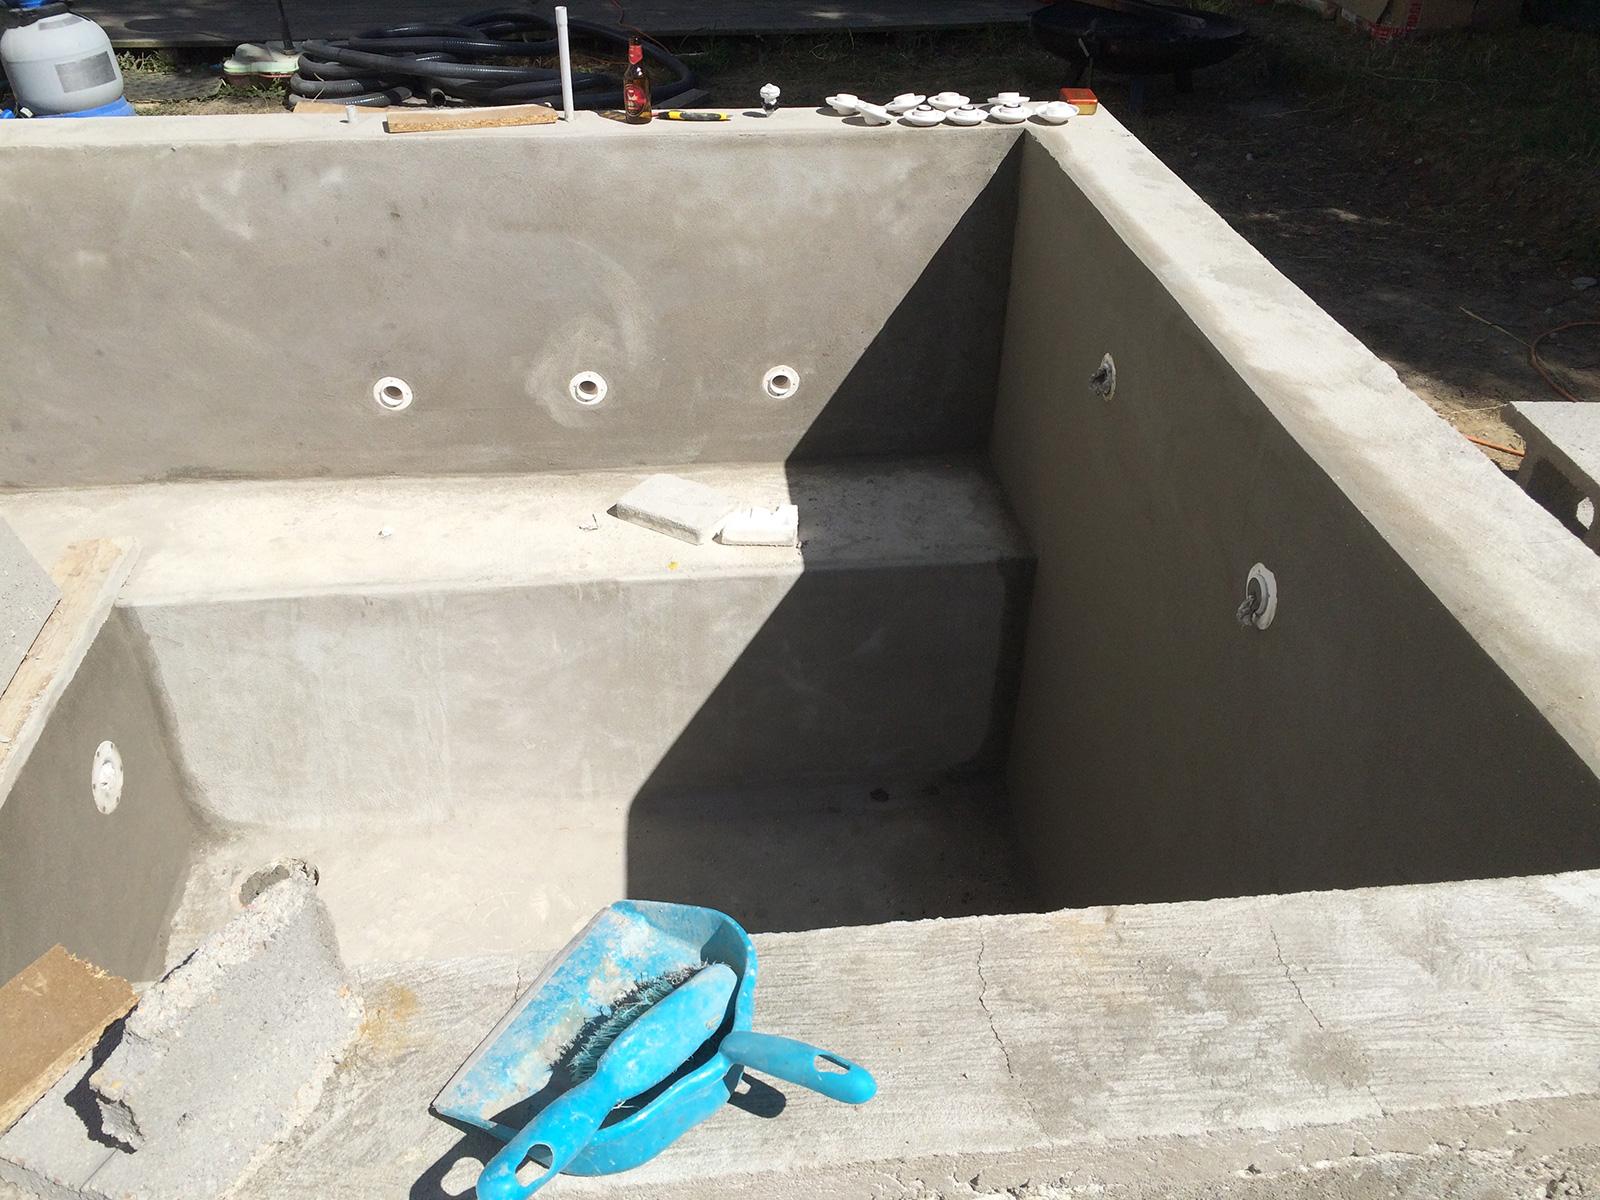 enduit de finition sur l 39 ensemble de la piscine et finalisation escalier construction d 39 une. Black Bedroom Furniture Sets. Home Design Ideas